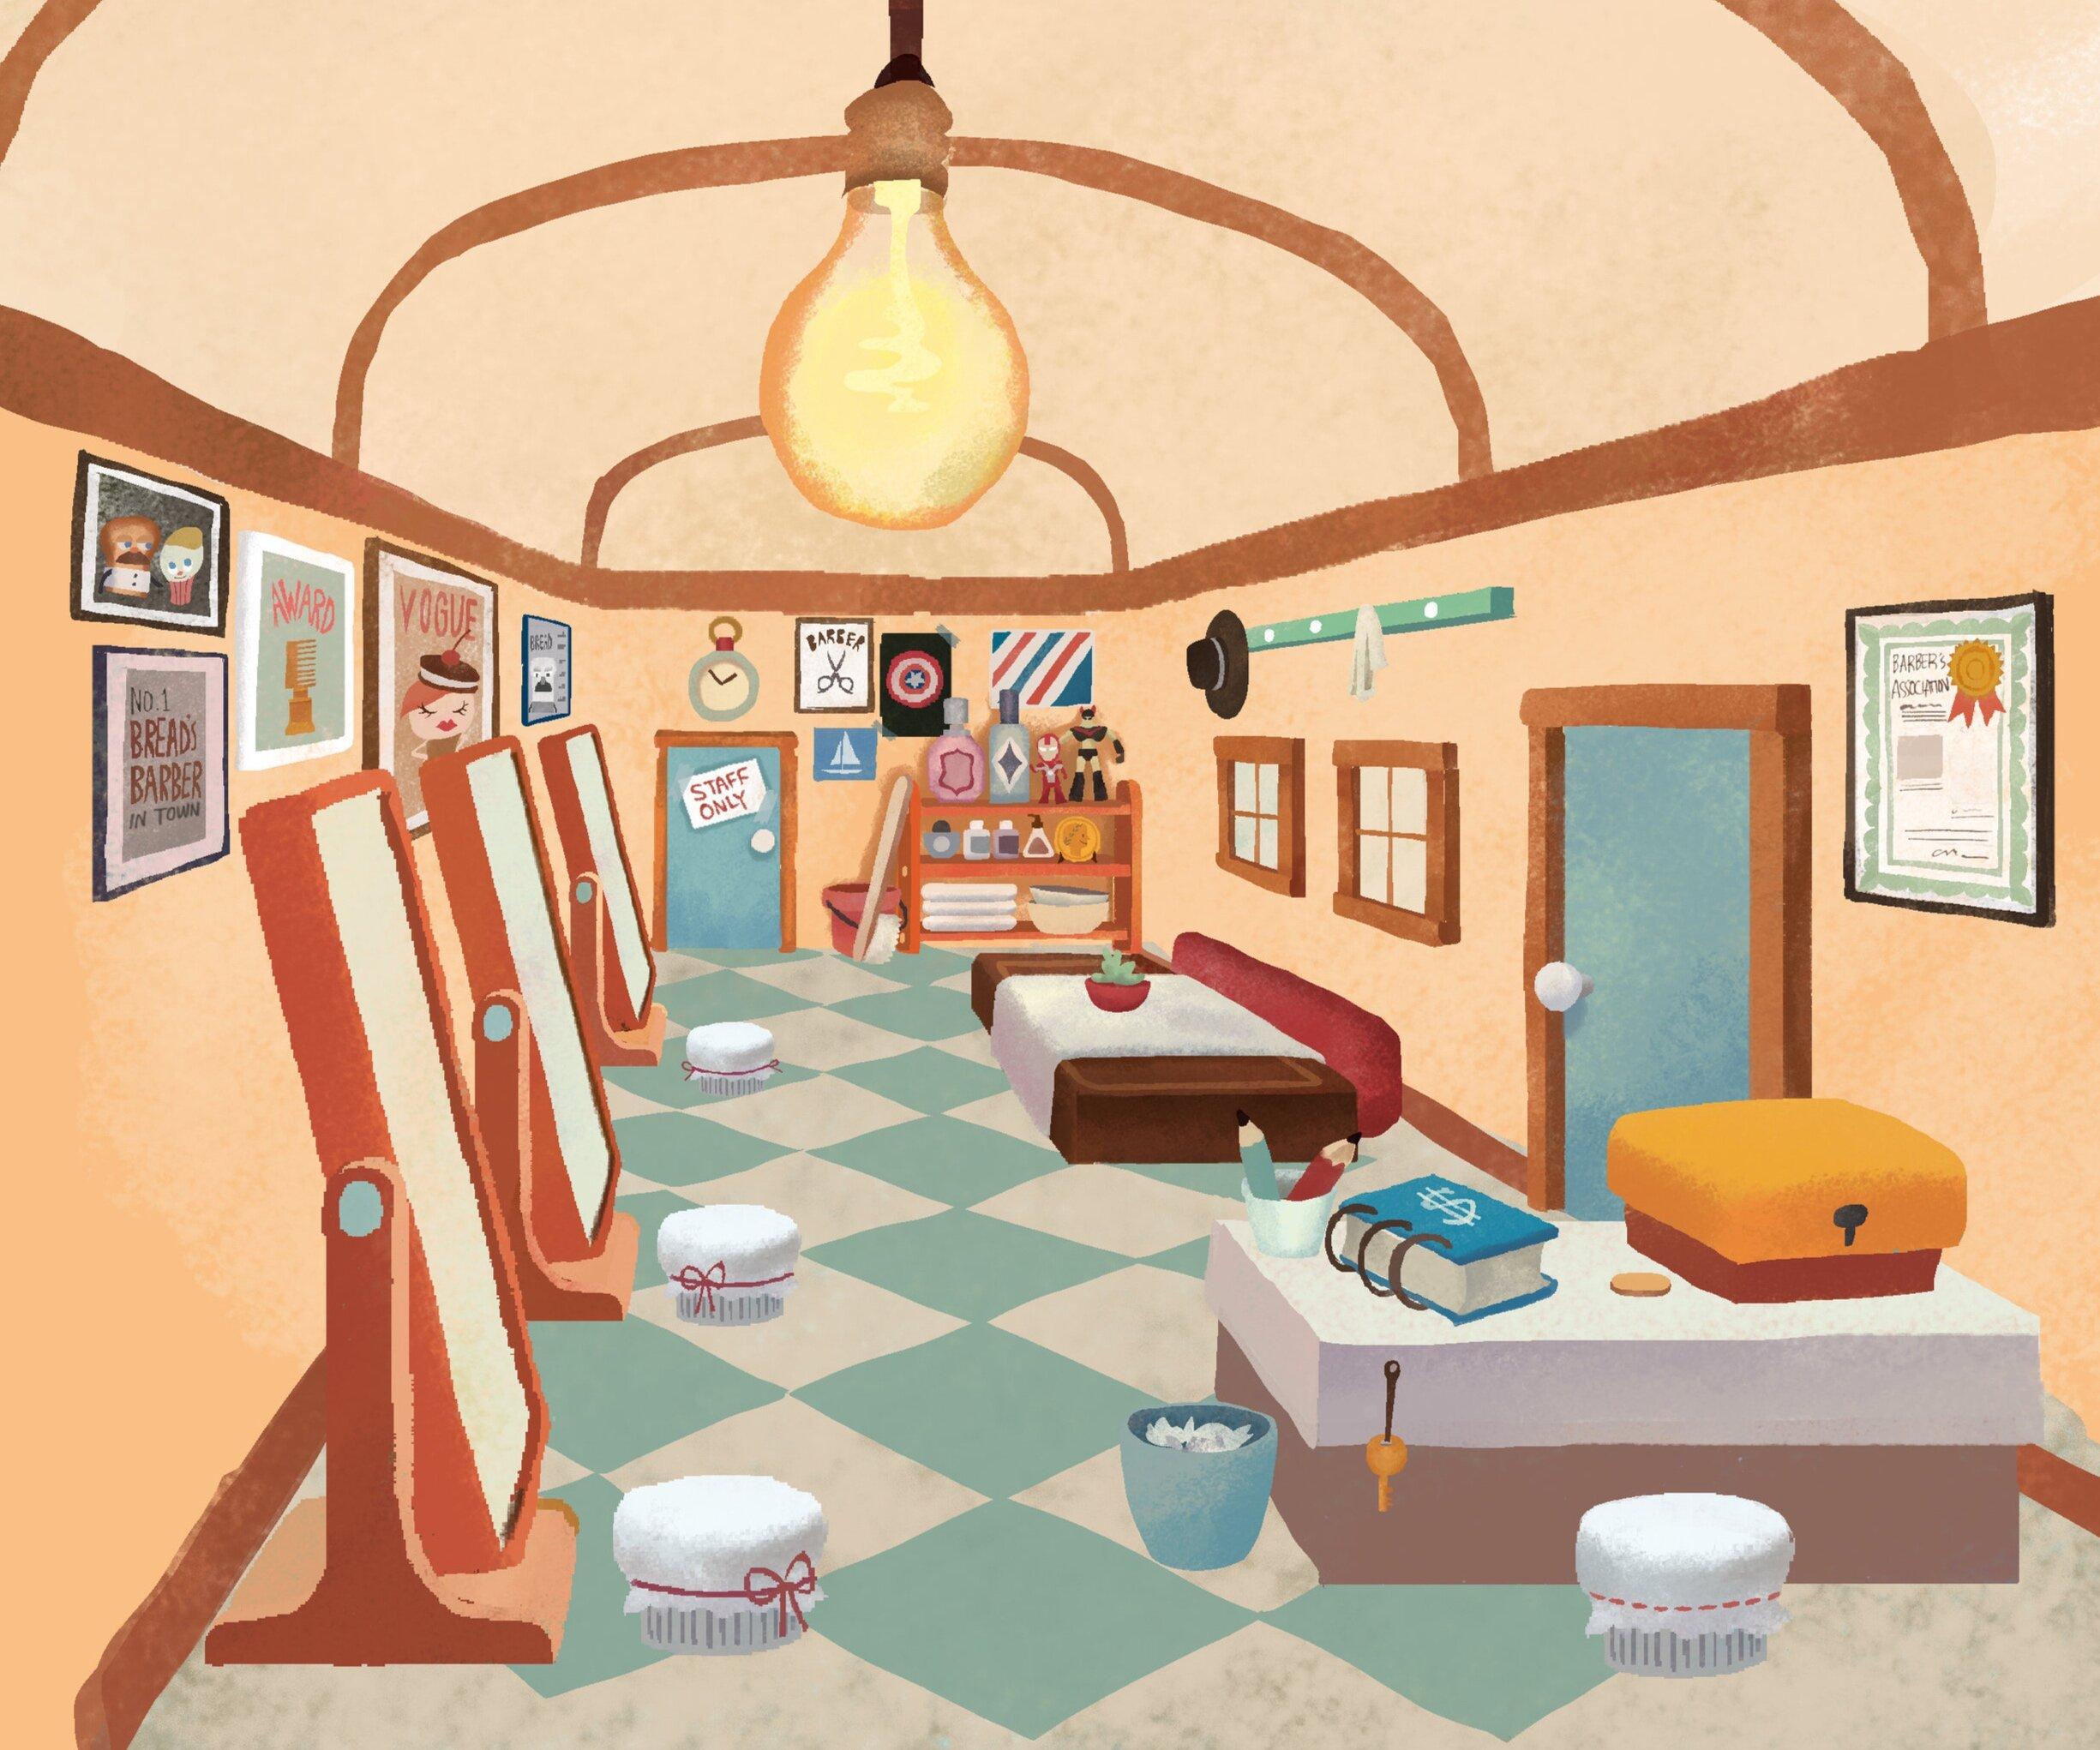 Barber Shop_Interior_Concept 01